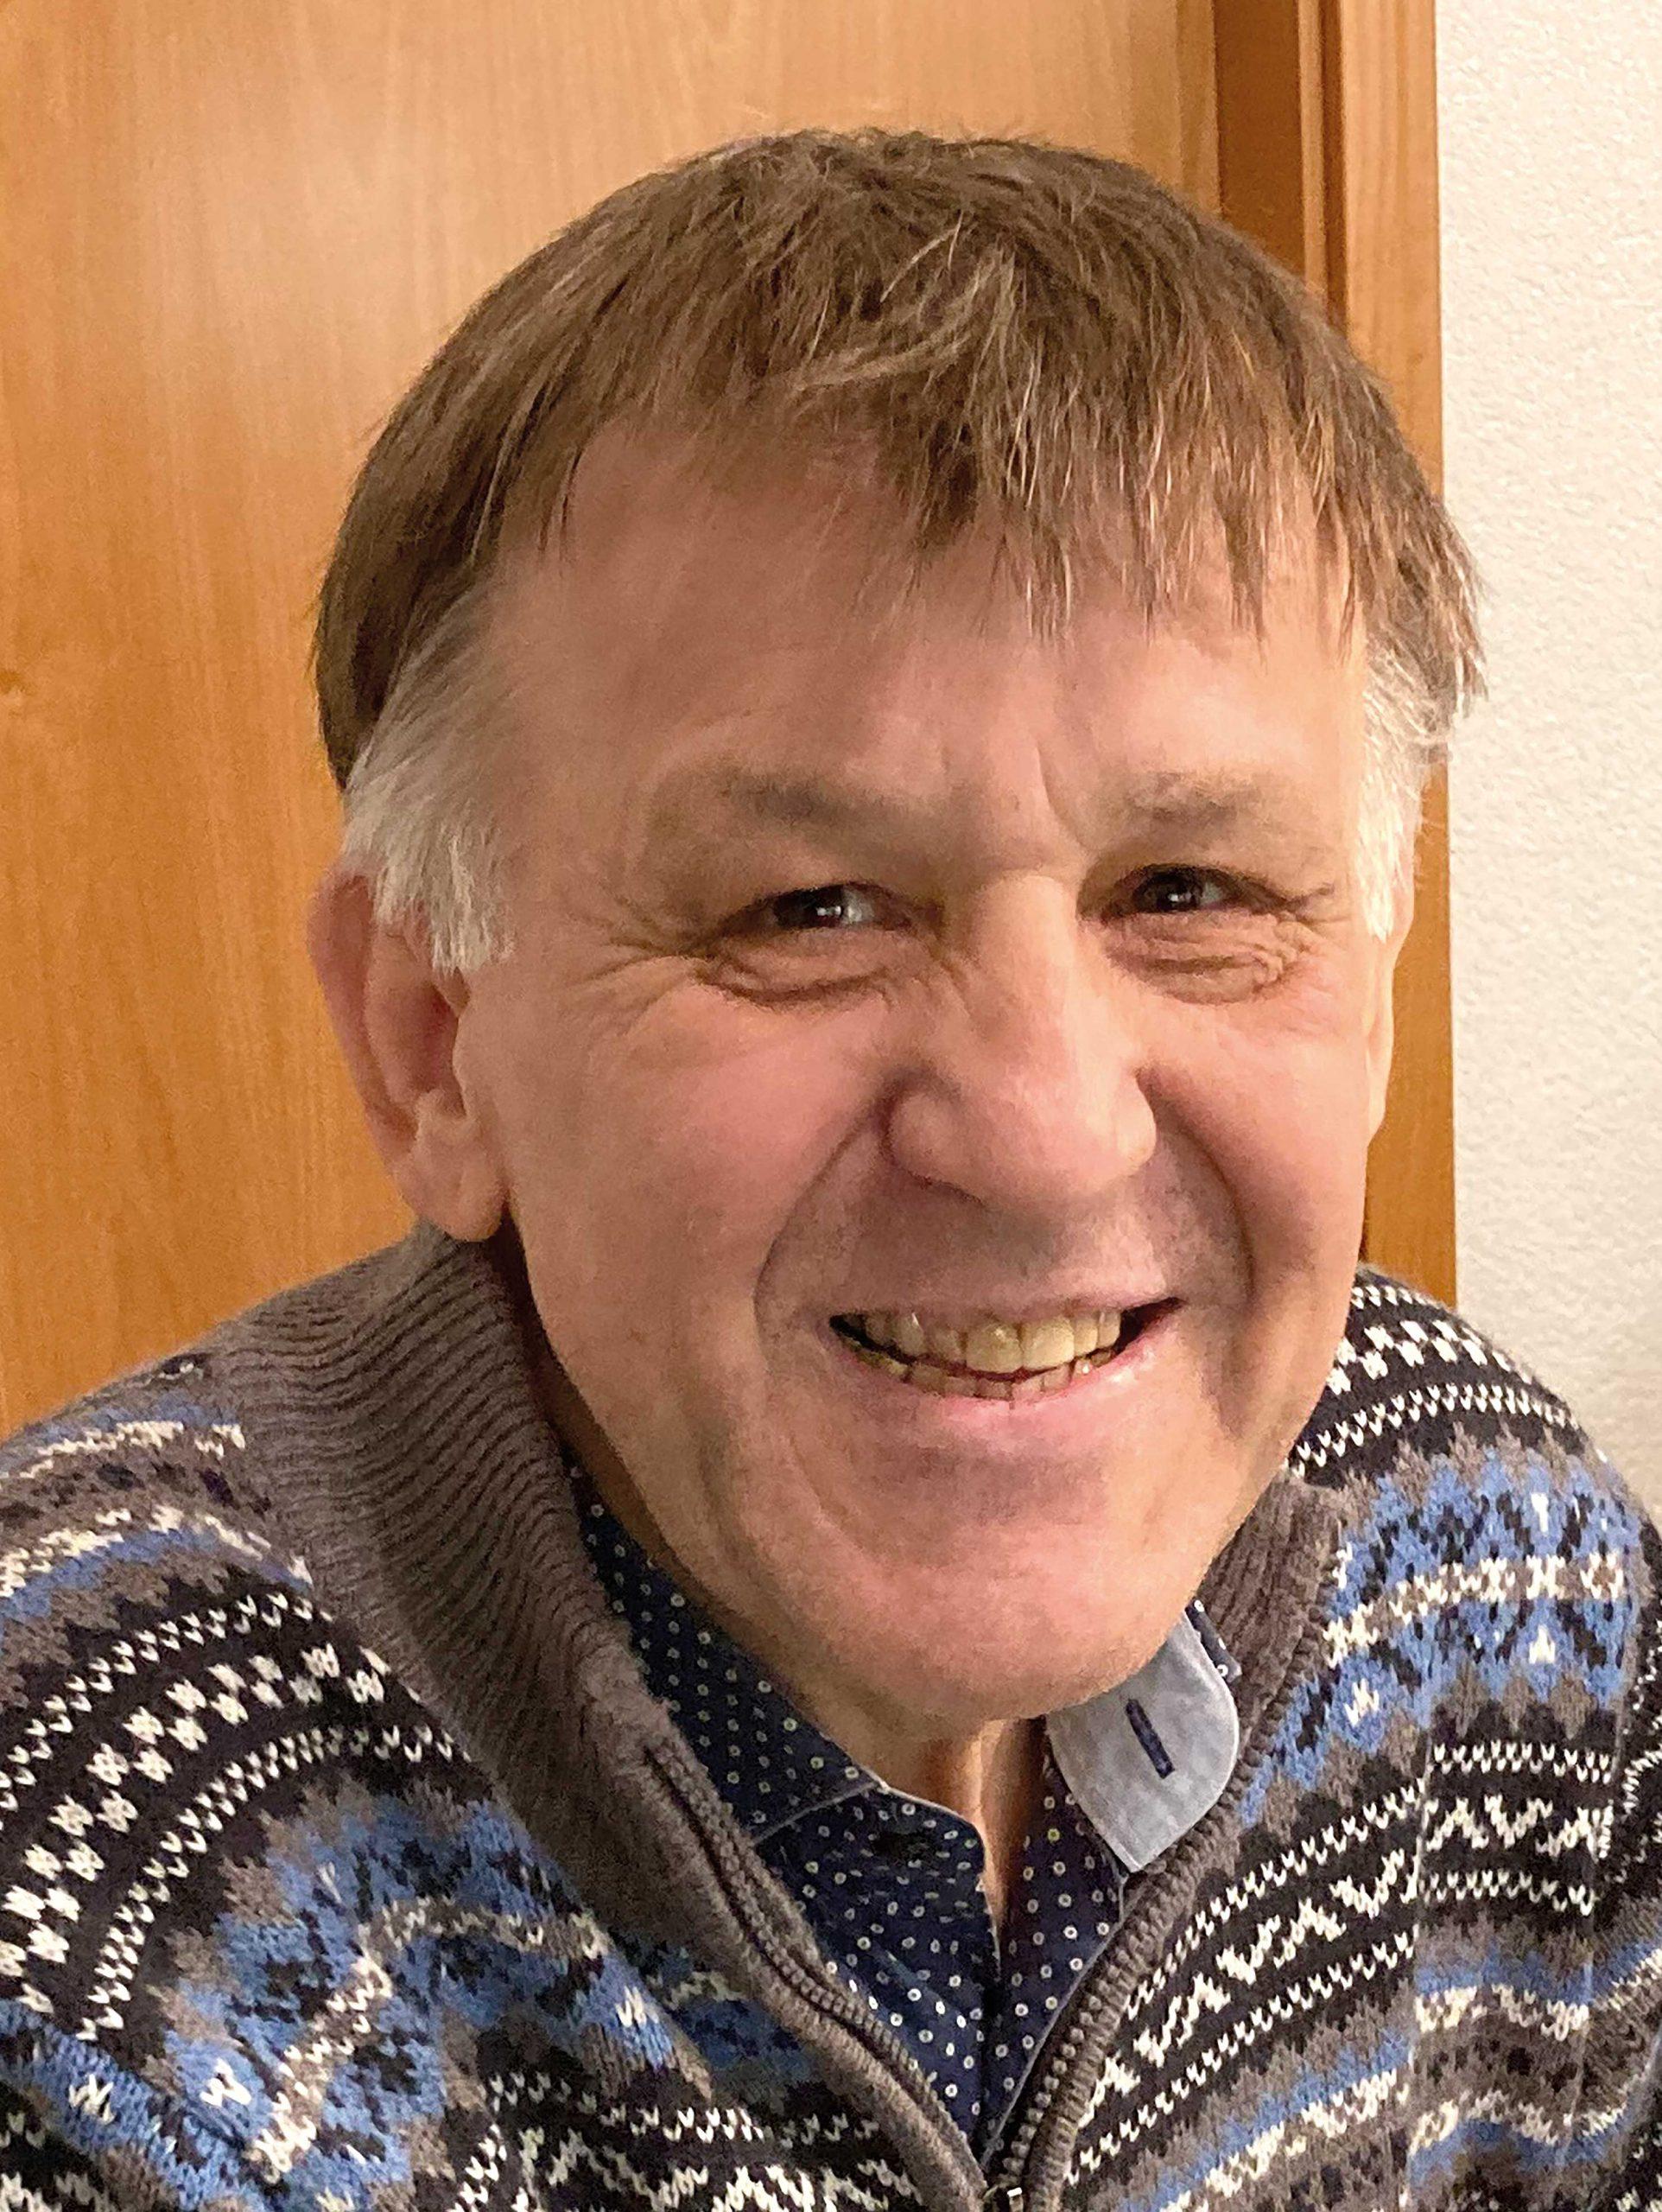 Robert Vombach